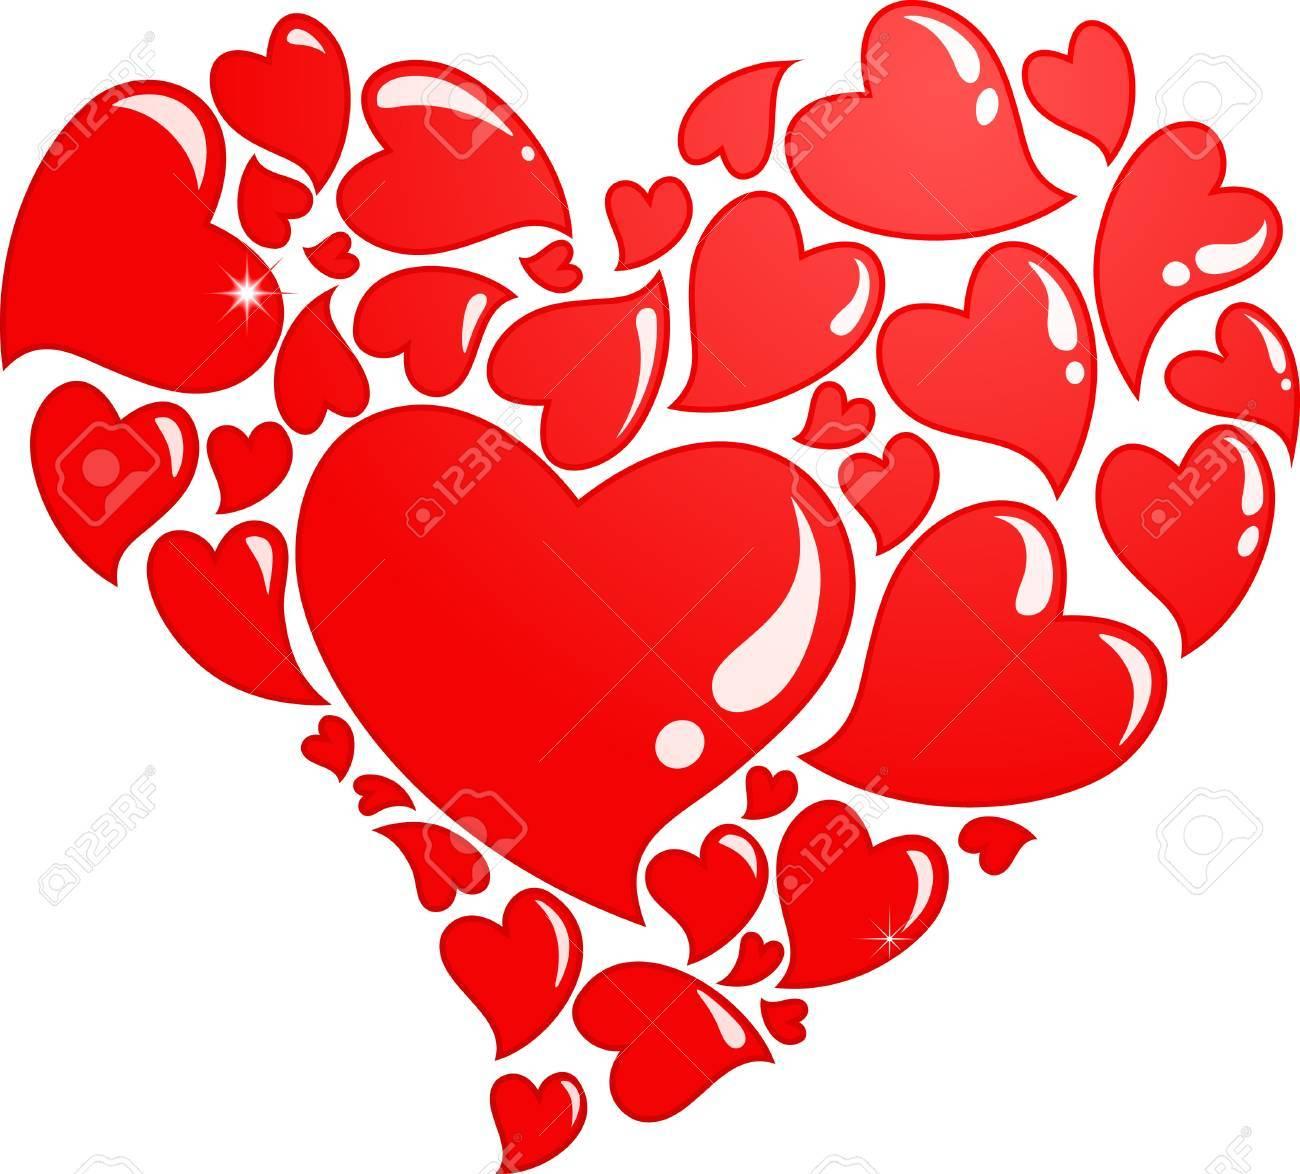 Heart composed of many hearts Stock Photo - 8679129